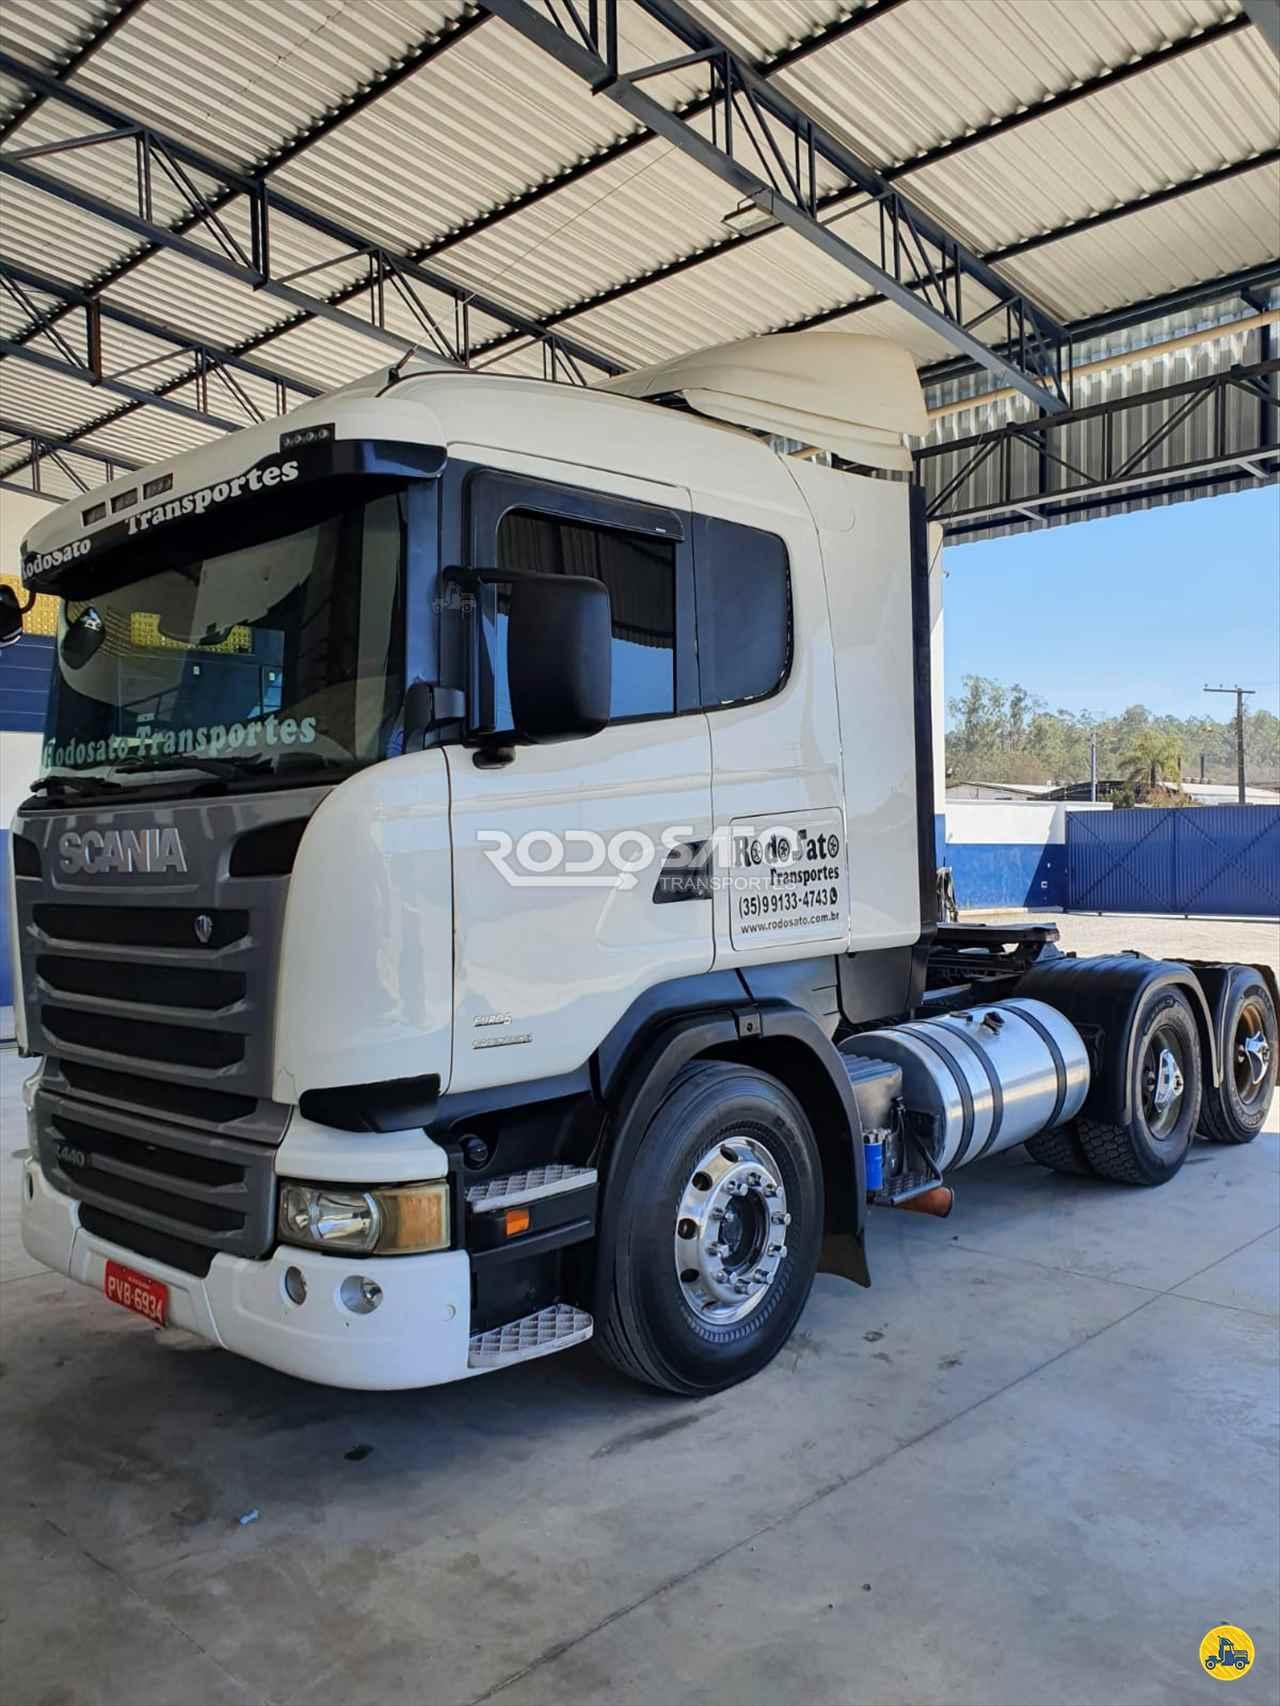 CAMINHAO SCANIA SCANIA 440 Cavalo Mecânico Truck 6x2 RodoSato Transportes ITAU DE MINAS MINAS GERAIS MG